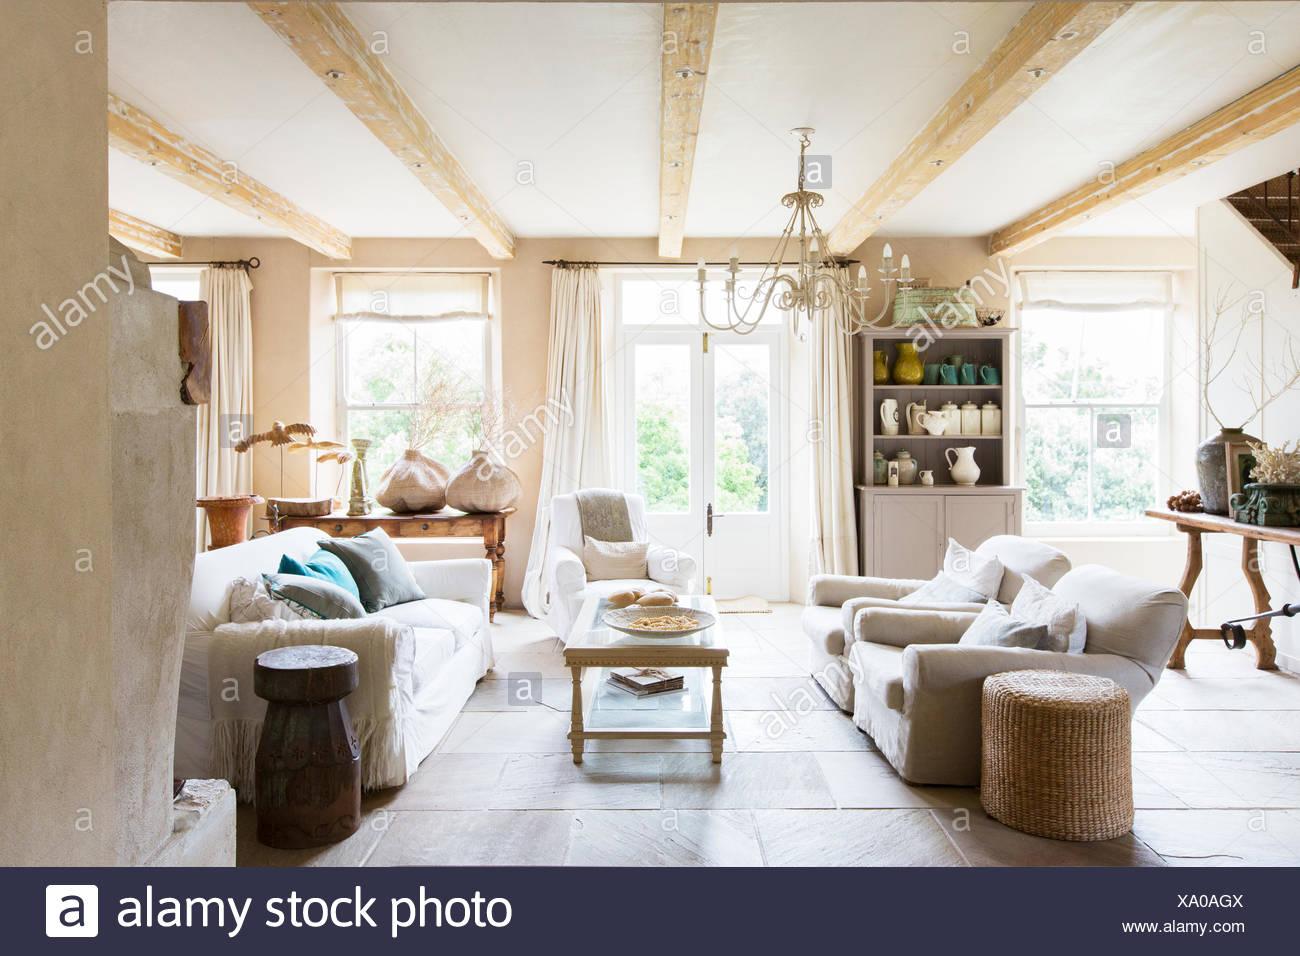 Canapés et une table basse dans un salon rustique Photo Stock